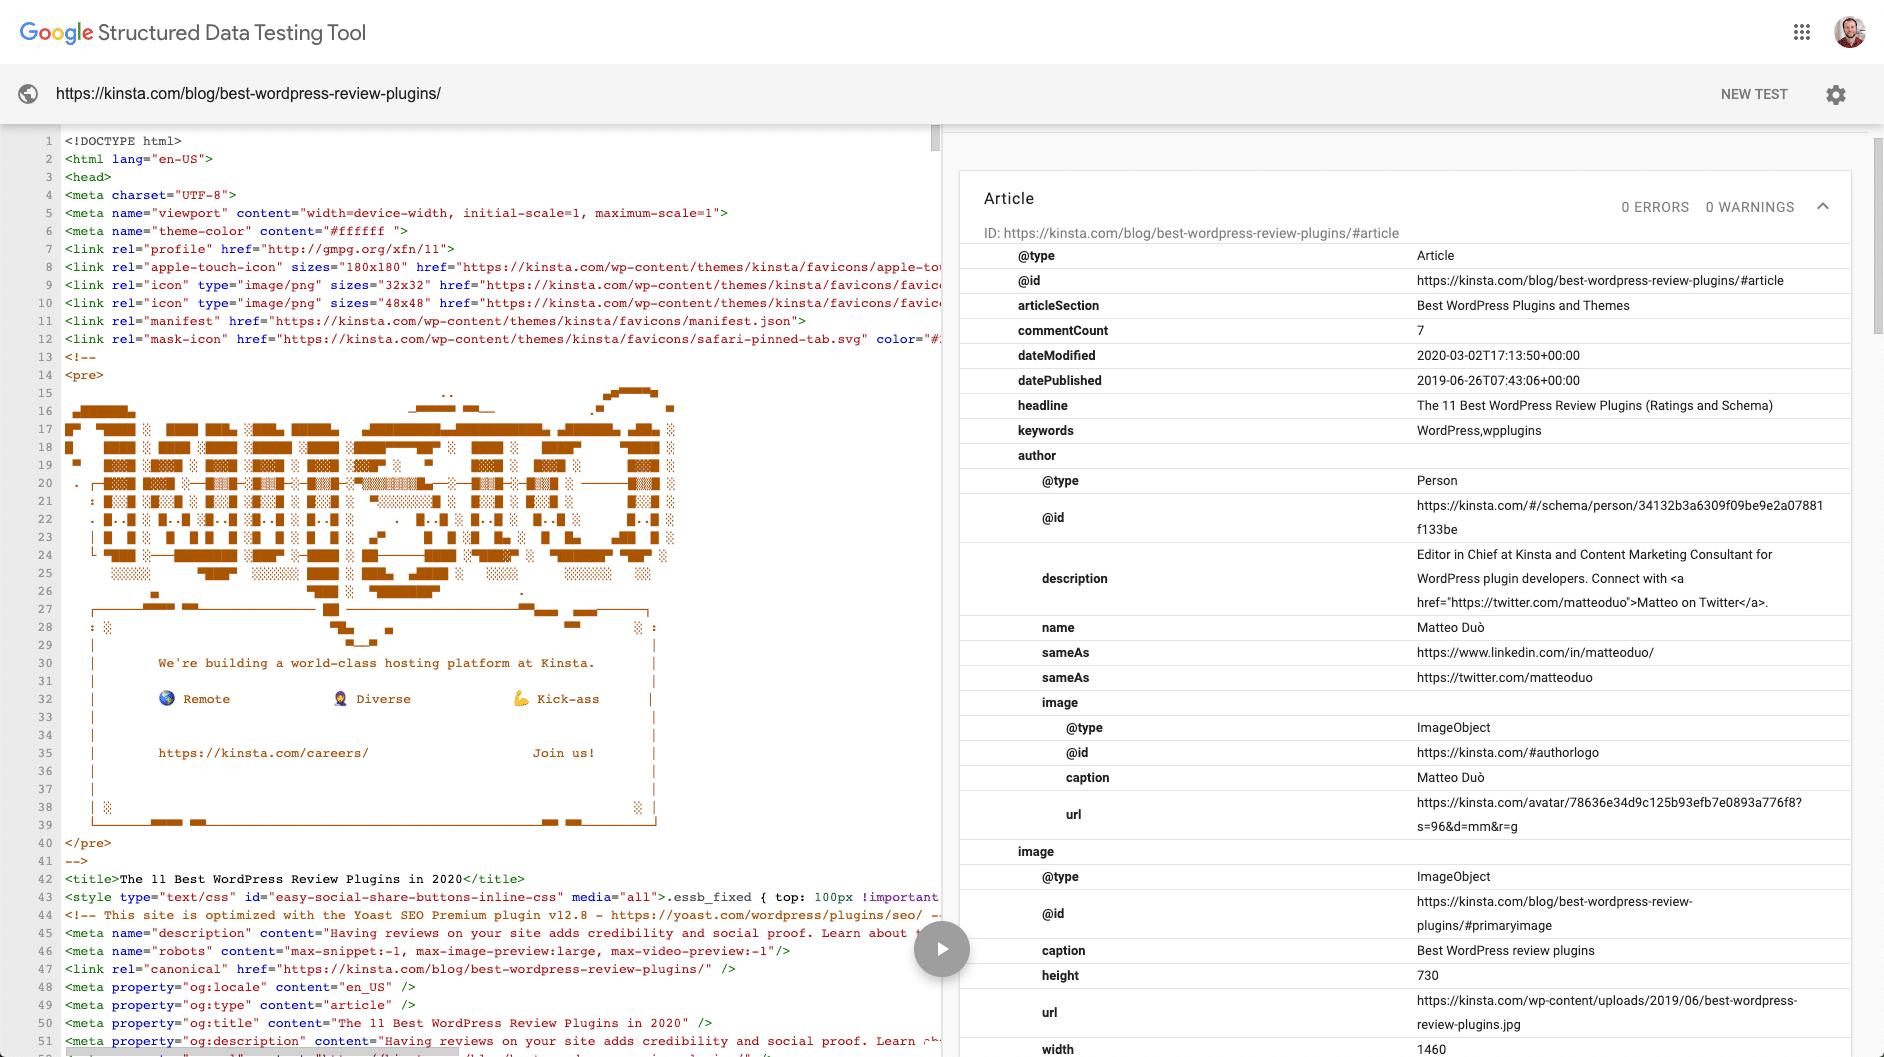 Google-Schema für strukturierte Daten